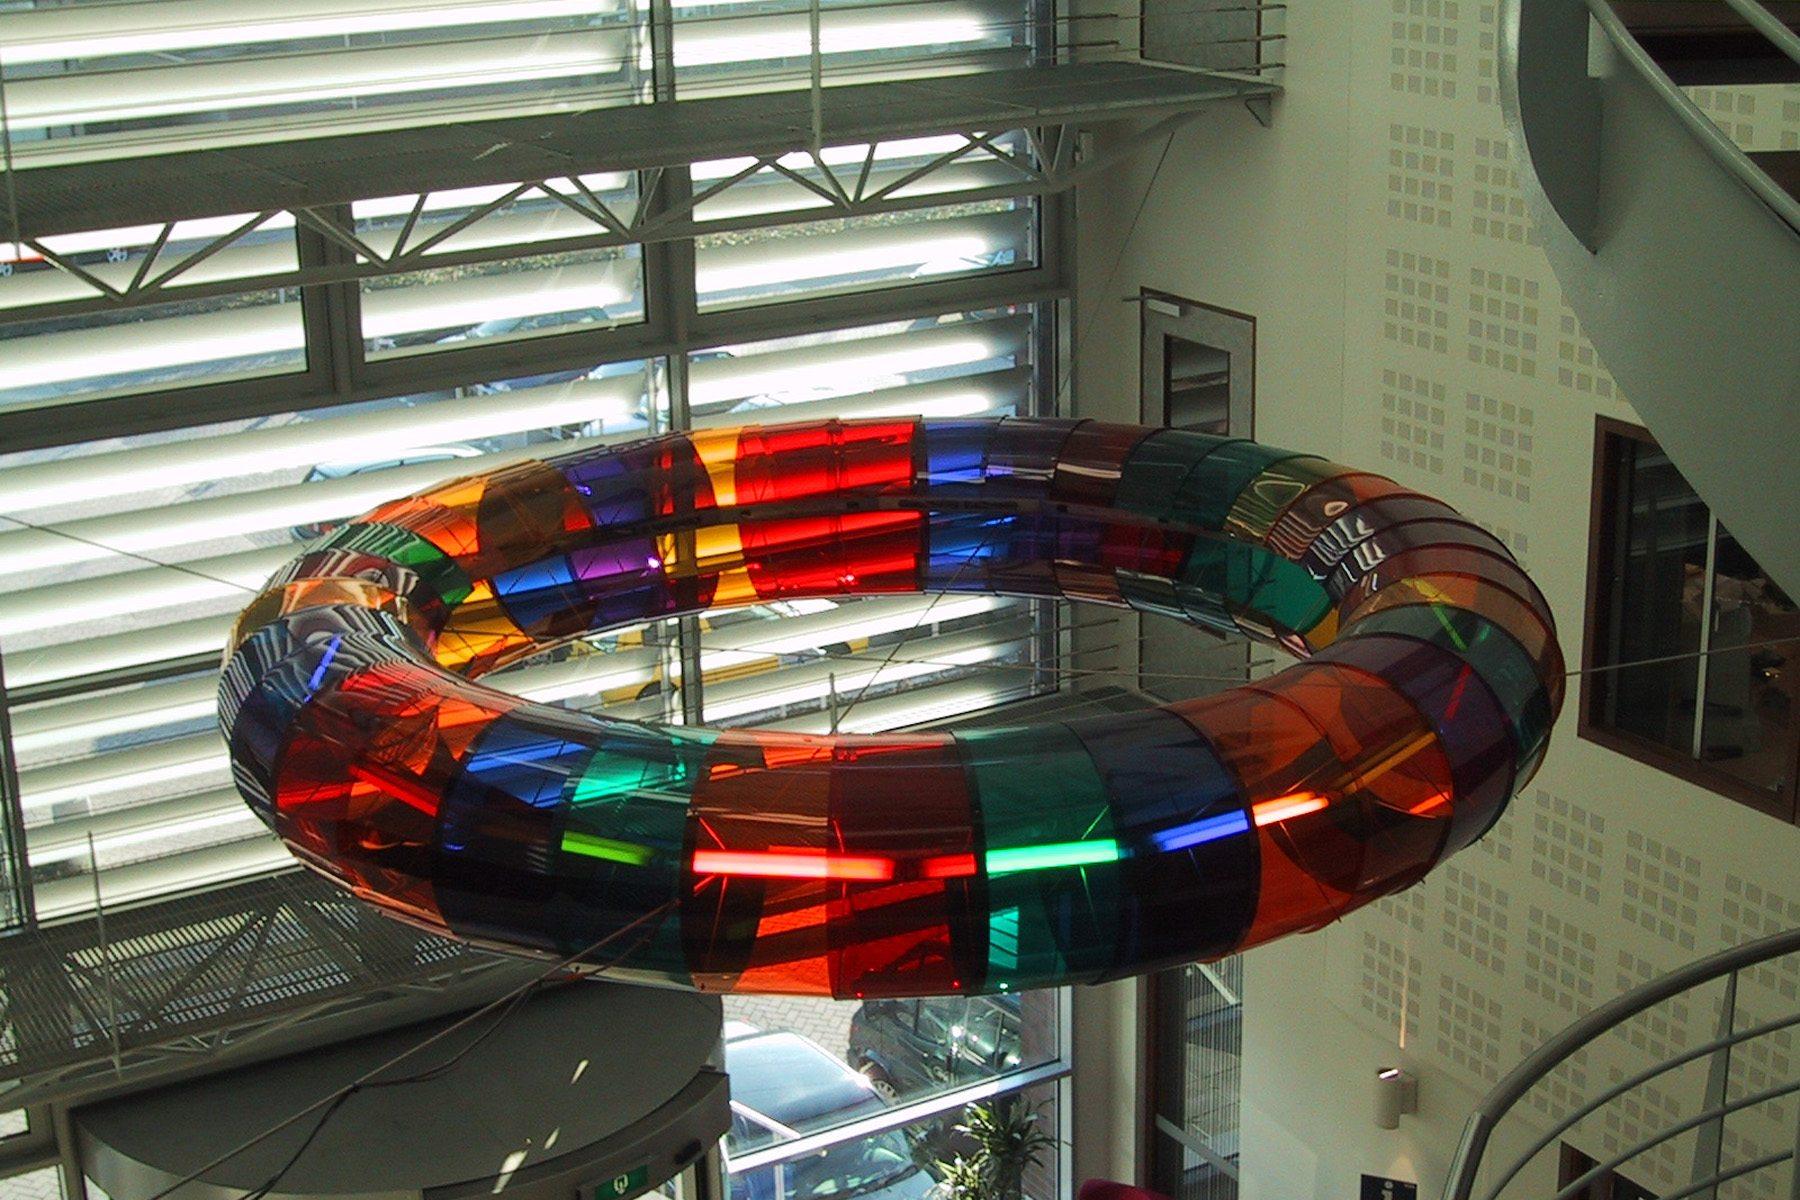 Lightart NEN, Delft 2000